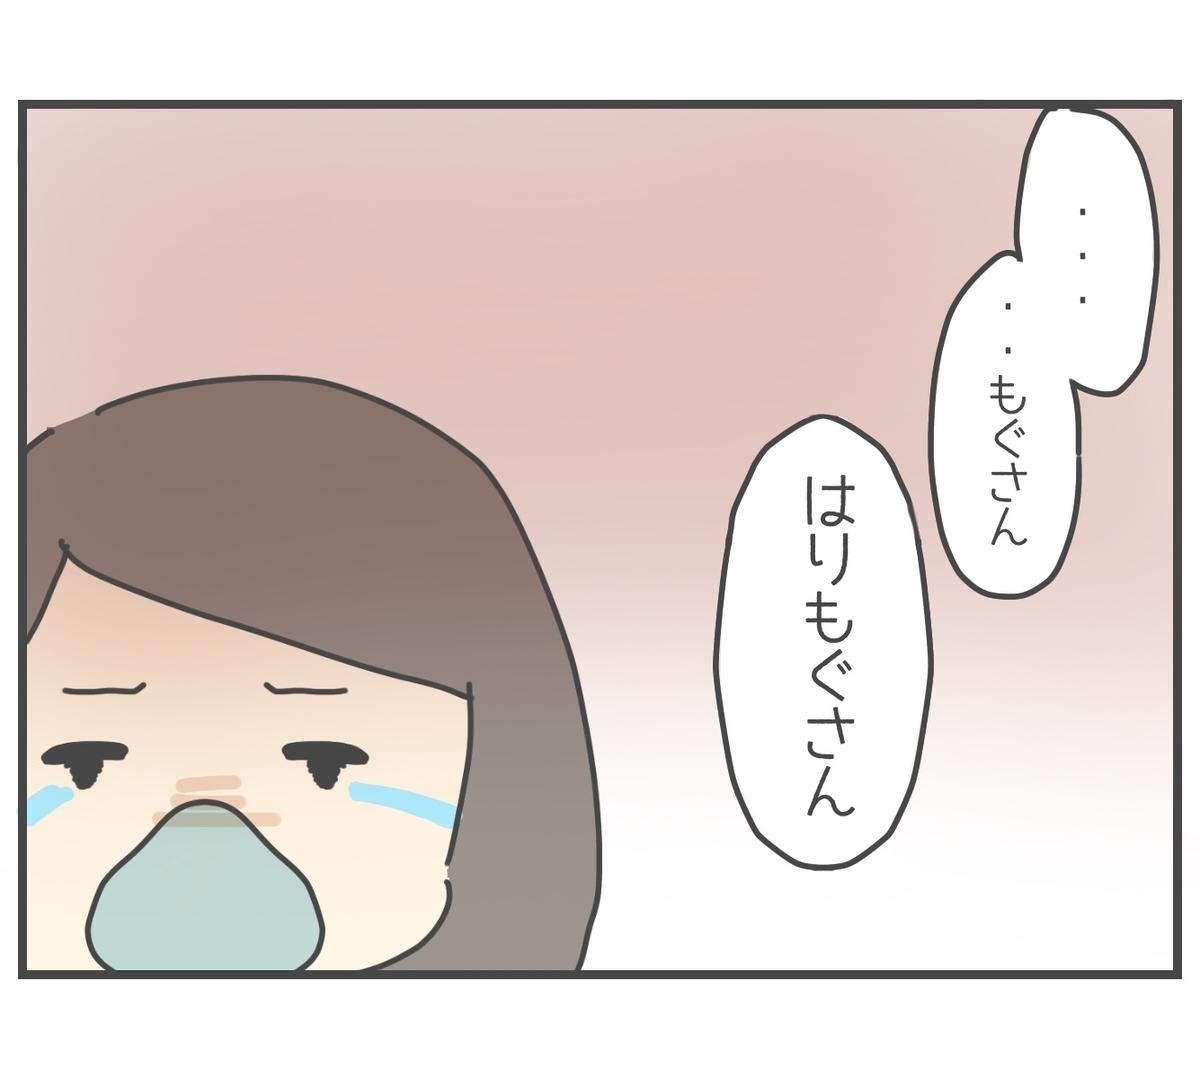 朦朧とする意識3